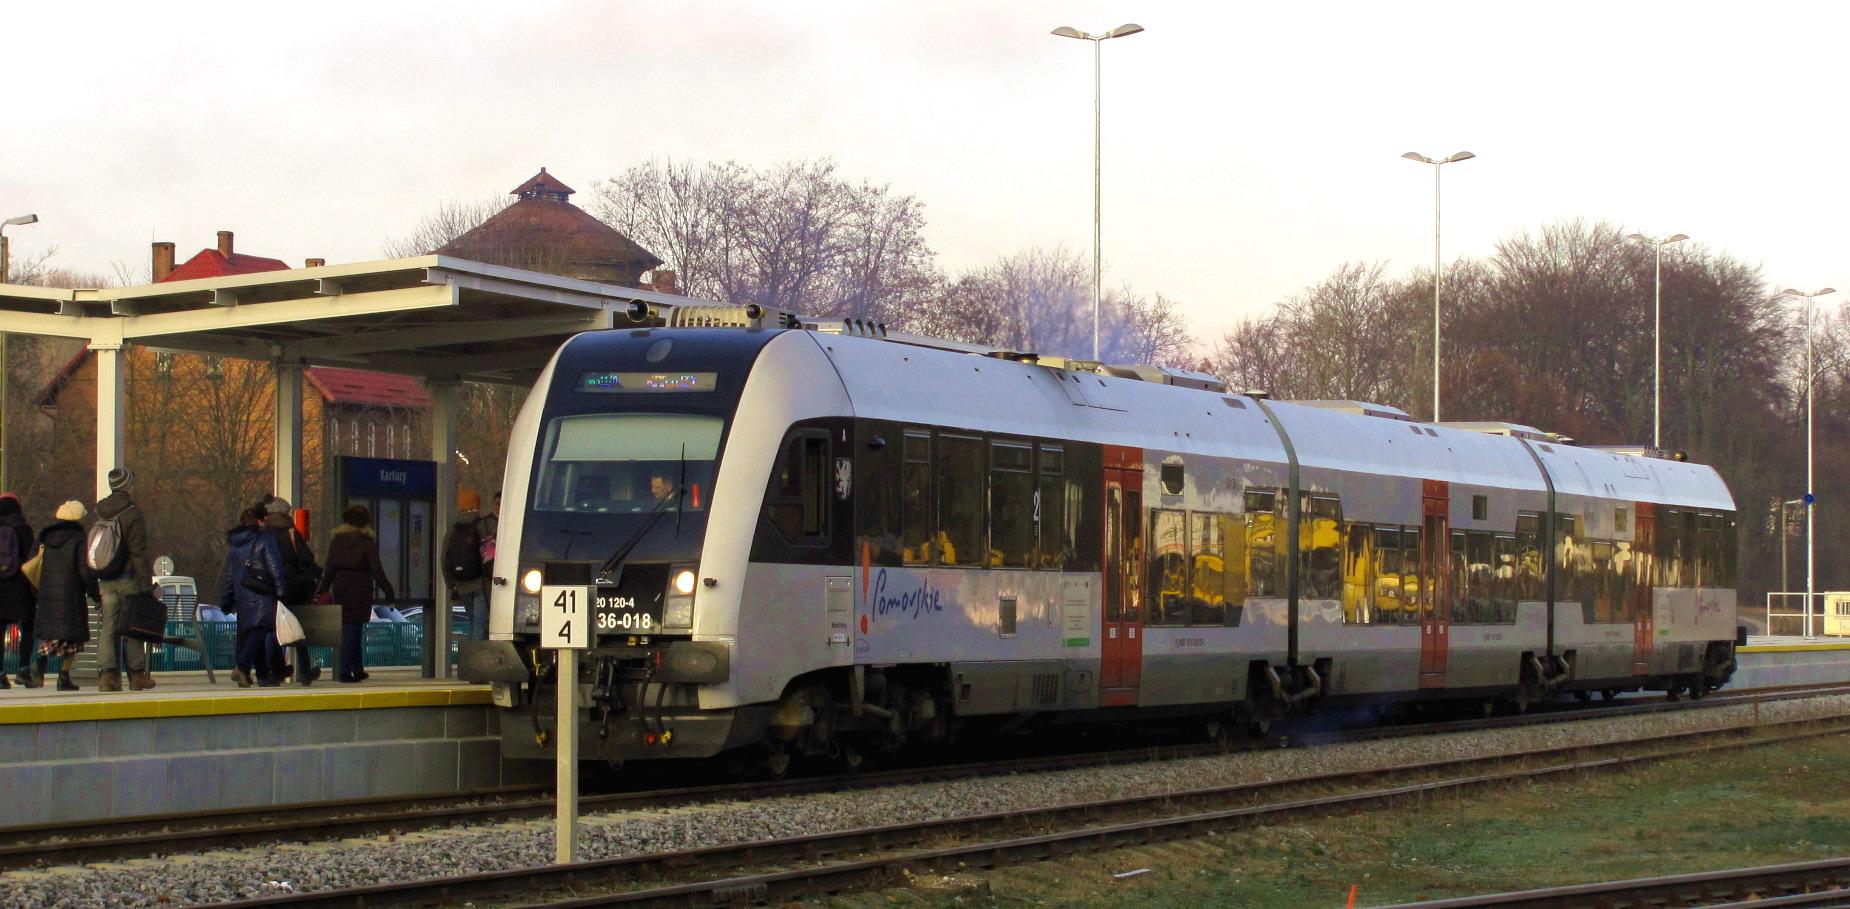 Późny powrót pociągiem z Kartuz do Gdańska? Teraz to żaden problem. Dodatkowe połączenie już od najbliższego weekendu